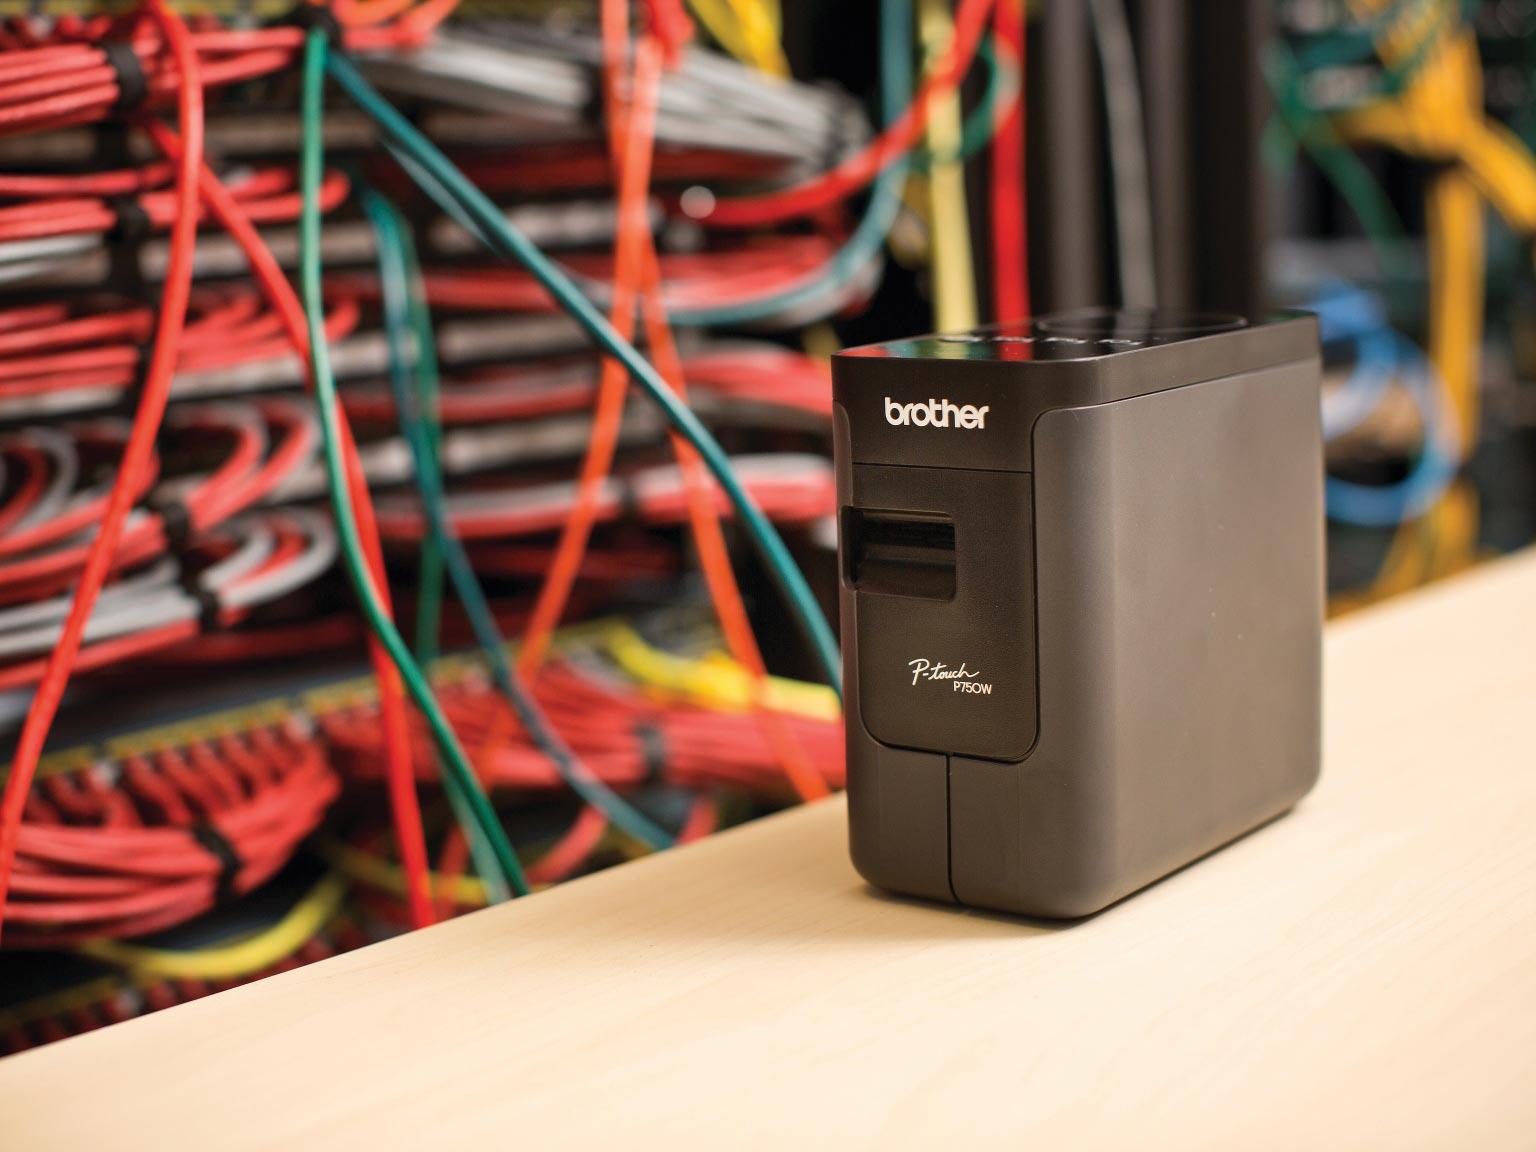 Tiskárna štítků Brother PT-P750TDI na stole před síťovými kabely